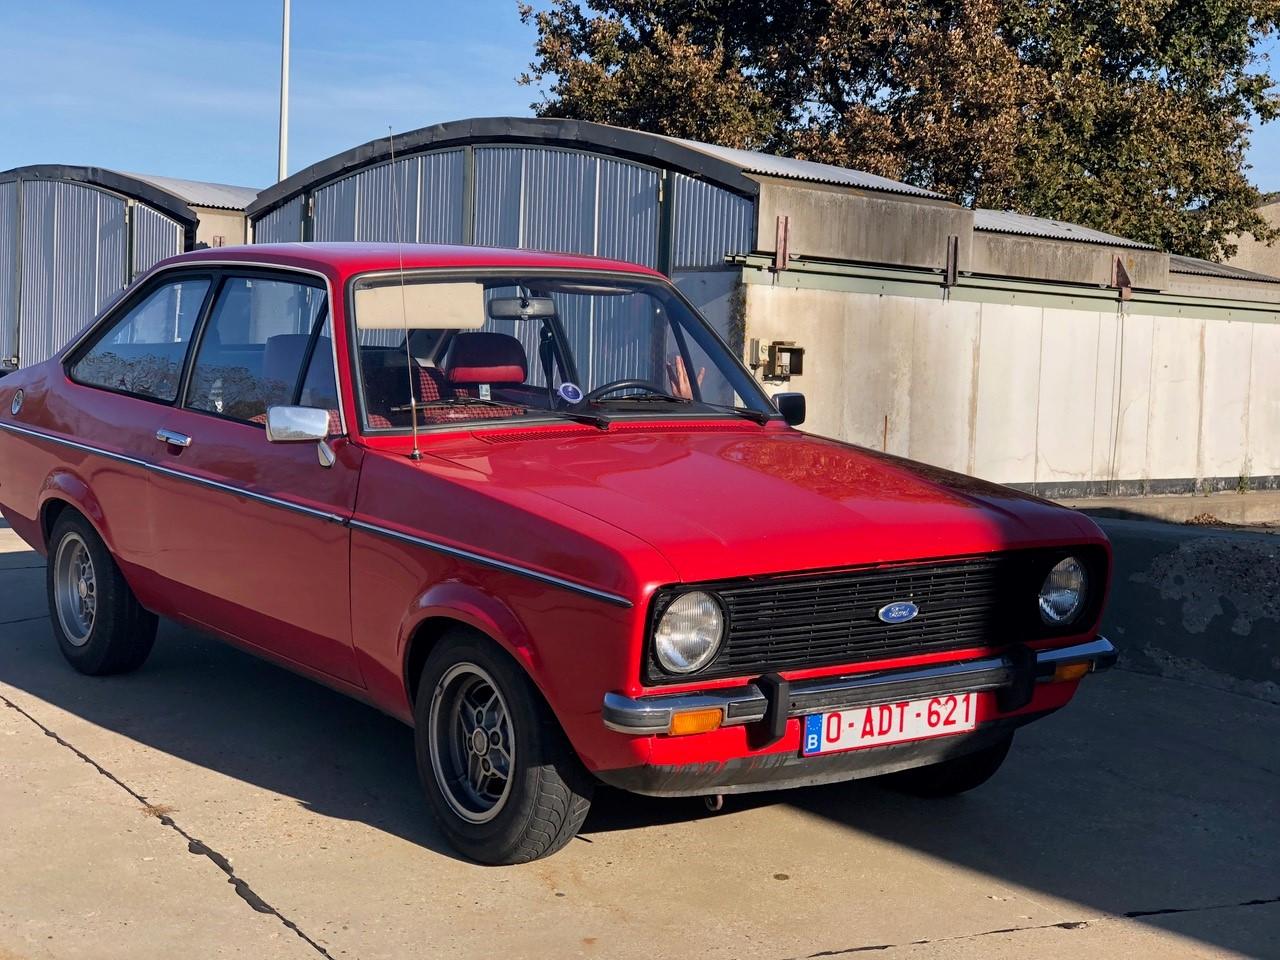 1078 - Ford - Escort - MK2 - 1979